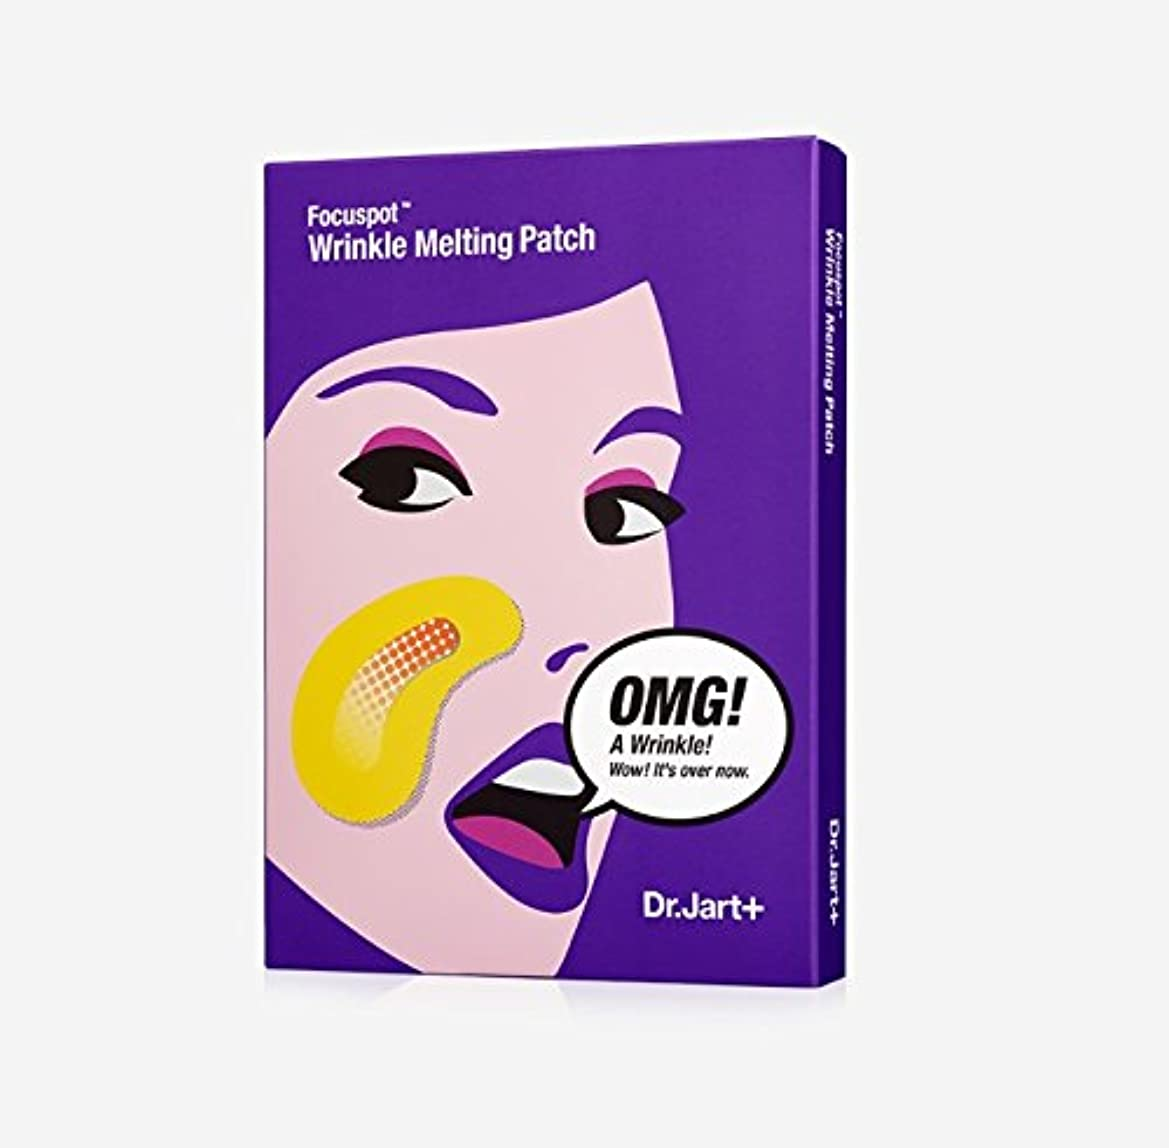 ショット自転車大脳[Dr.Jart+] ドクタージャルトゥ ポーカースポット リンクル メルティング パッチ 5回分/Focuspot Wrinkle Melting Patch [並行輸入品]